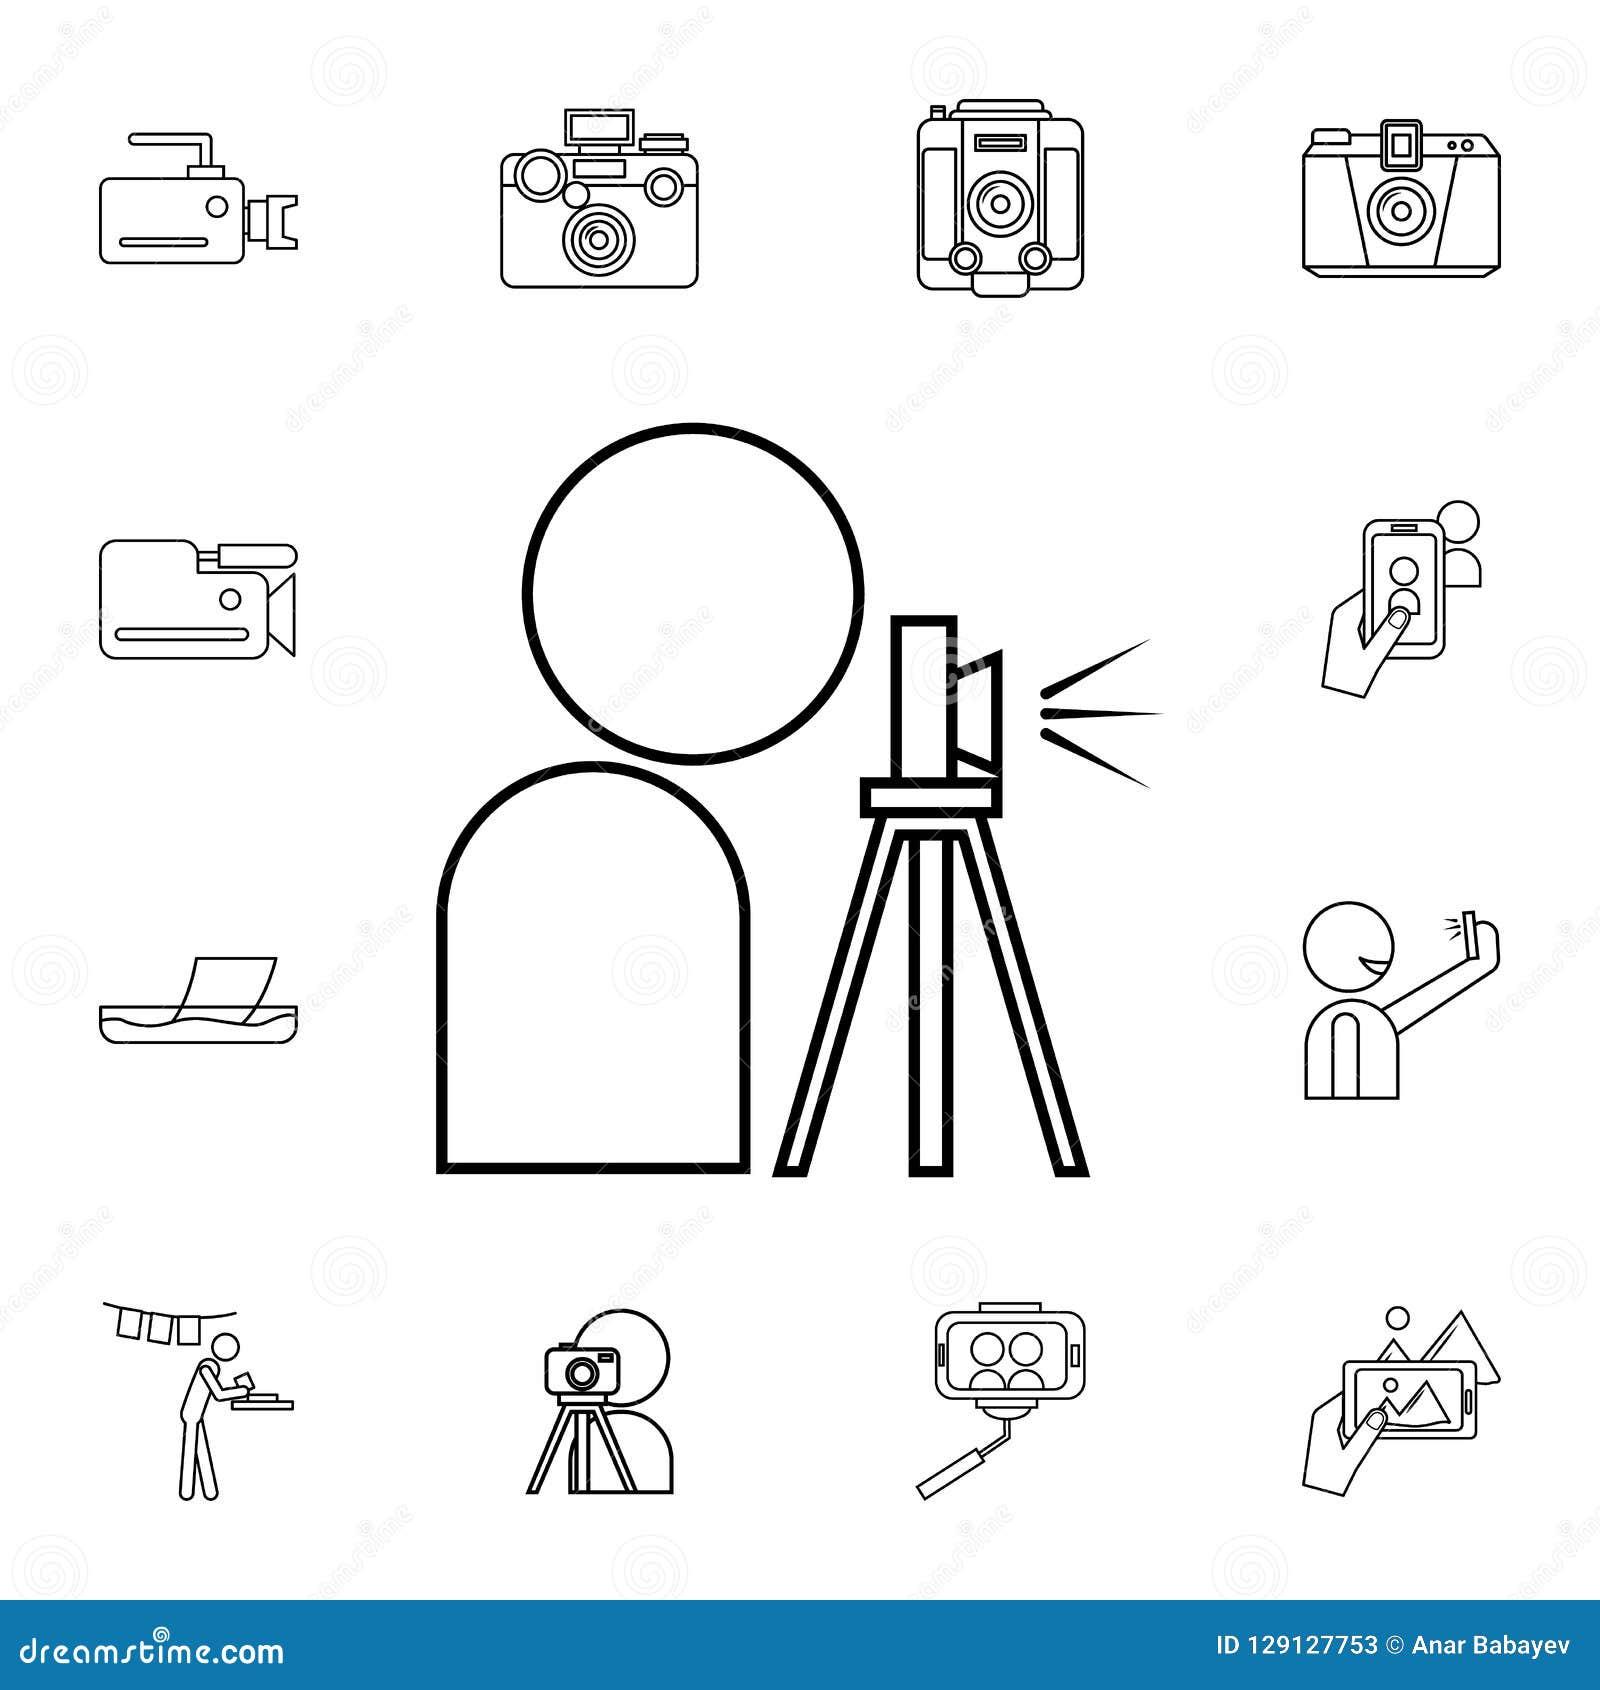 Meilleur Site Pour Photographe icône de photographe ensemble détaillé d'icônes d'appareil